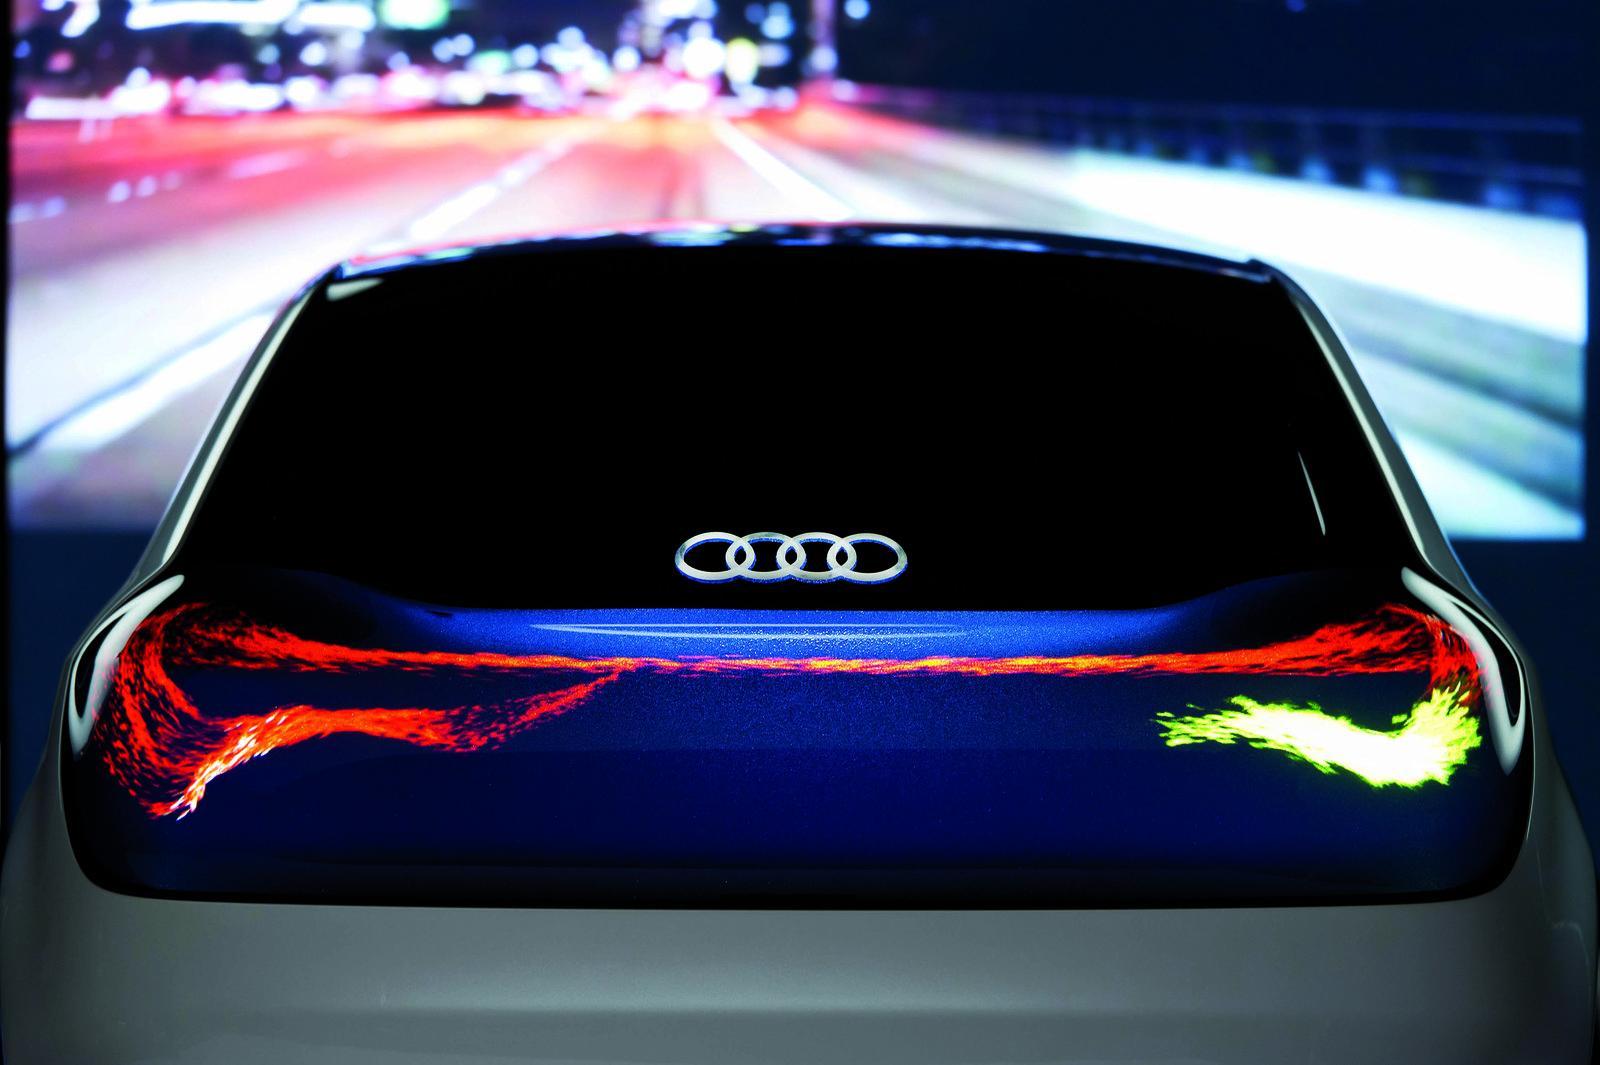 Audi-R8-OLED-Concept-03